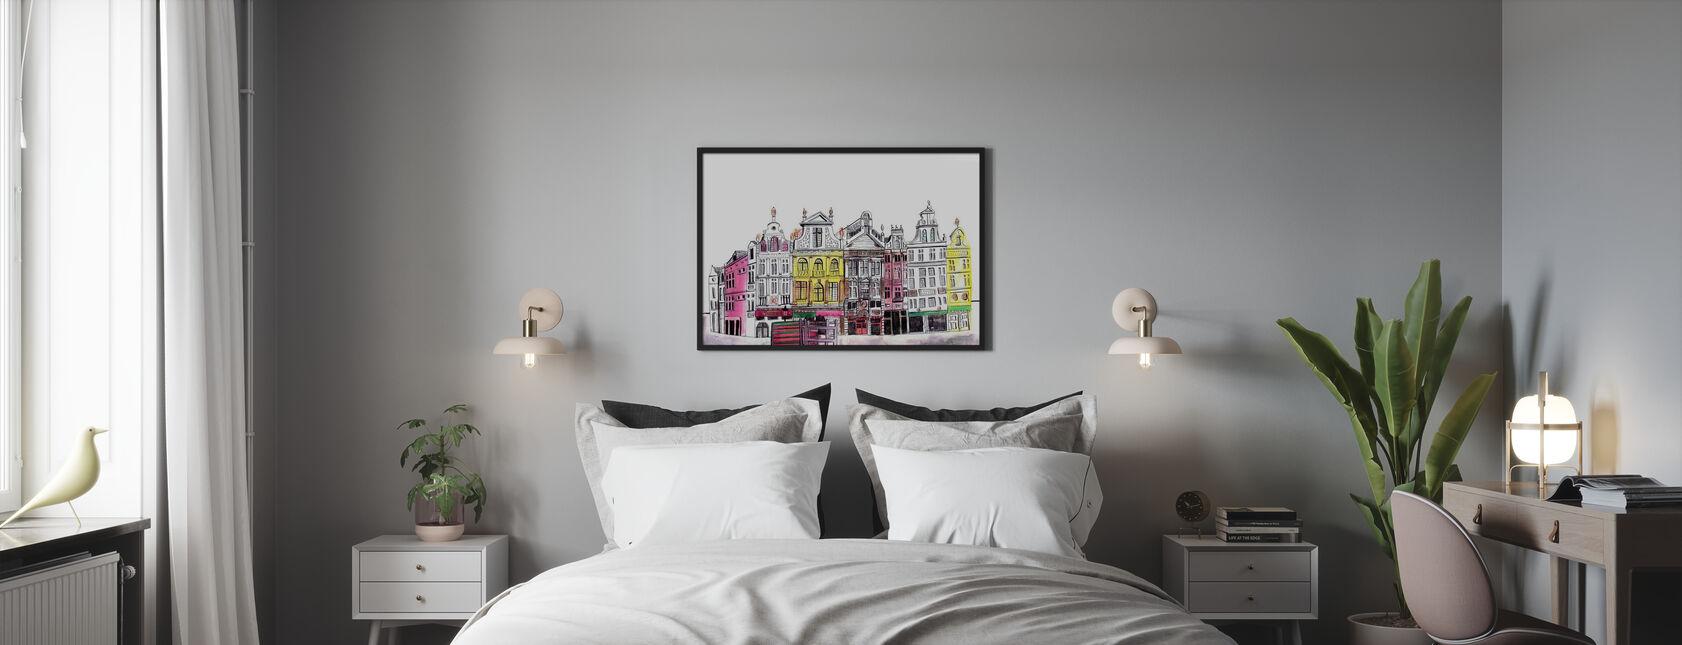 Bruxelles - Plakat - Soveværelse